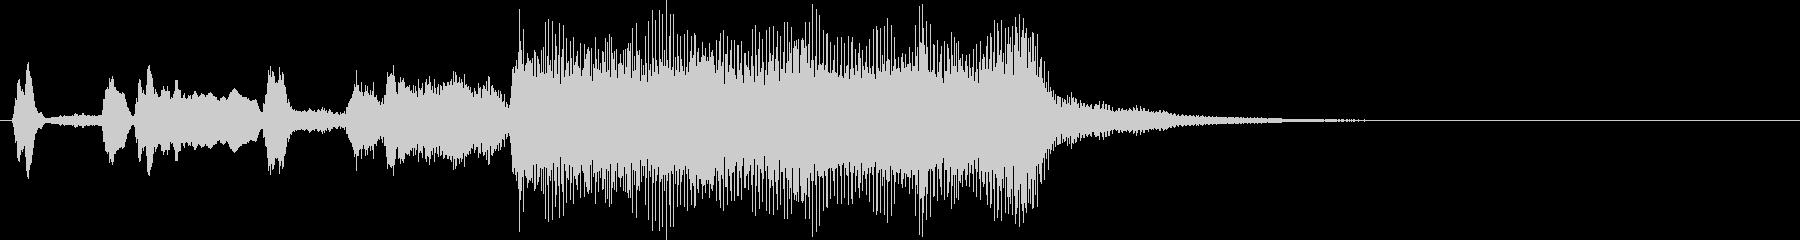 結果発表シンプルファンファーレ〜金管楽器の未再生の波形